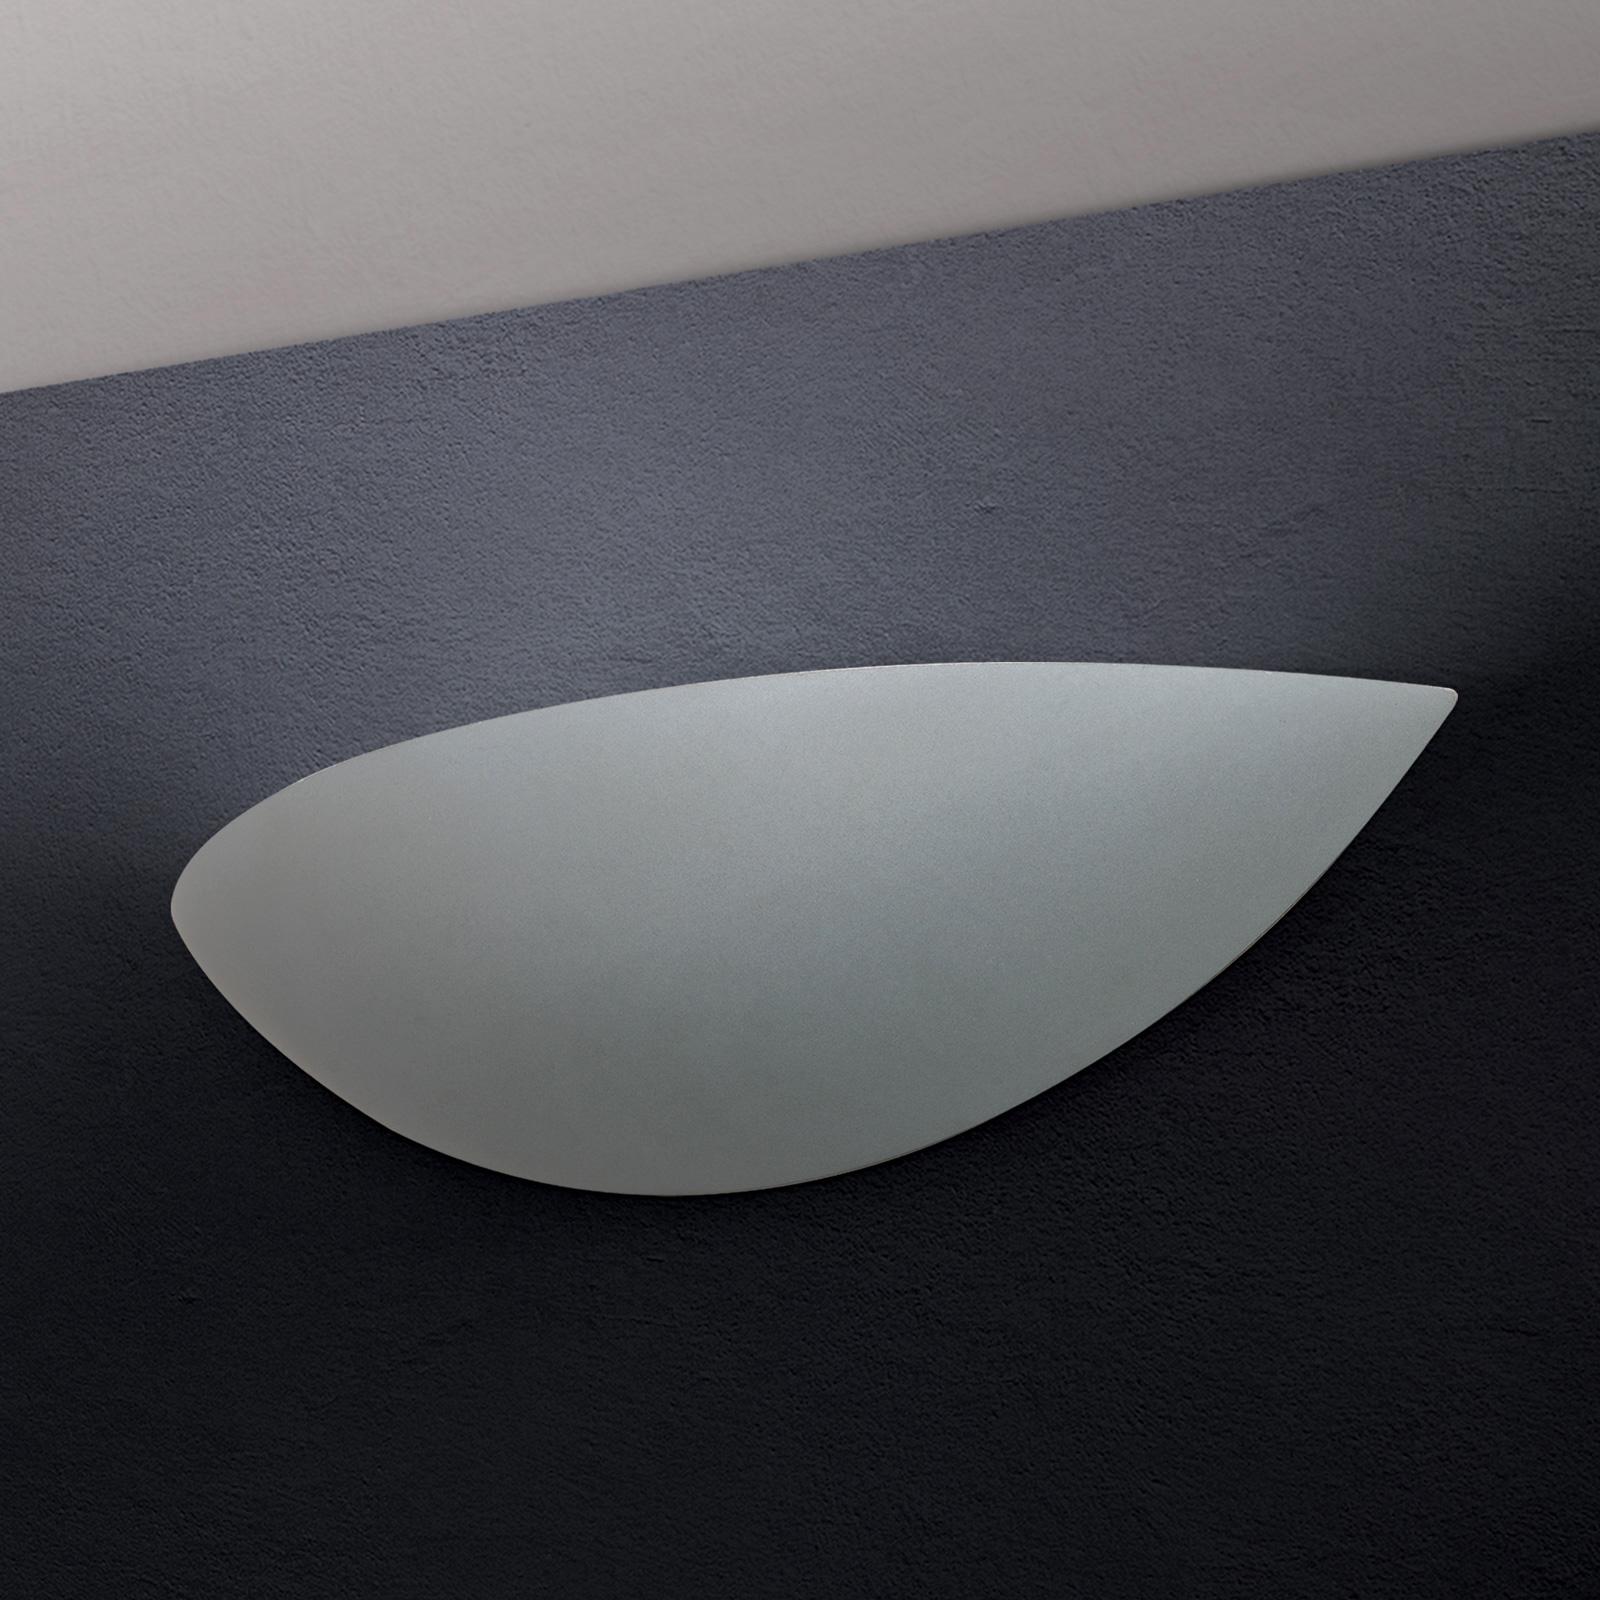 LED wandlamp Gypsum, overschilderbaar, grijs